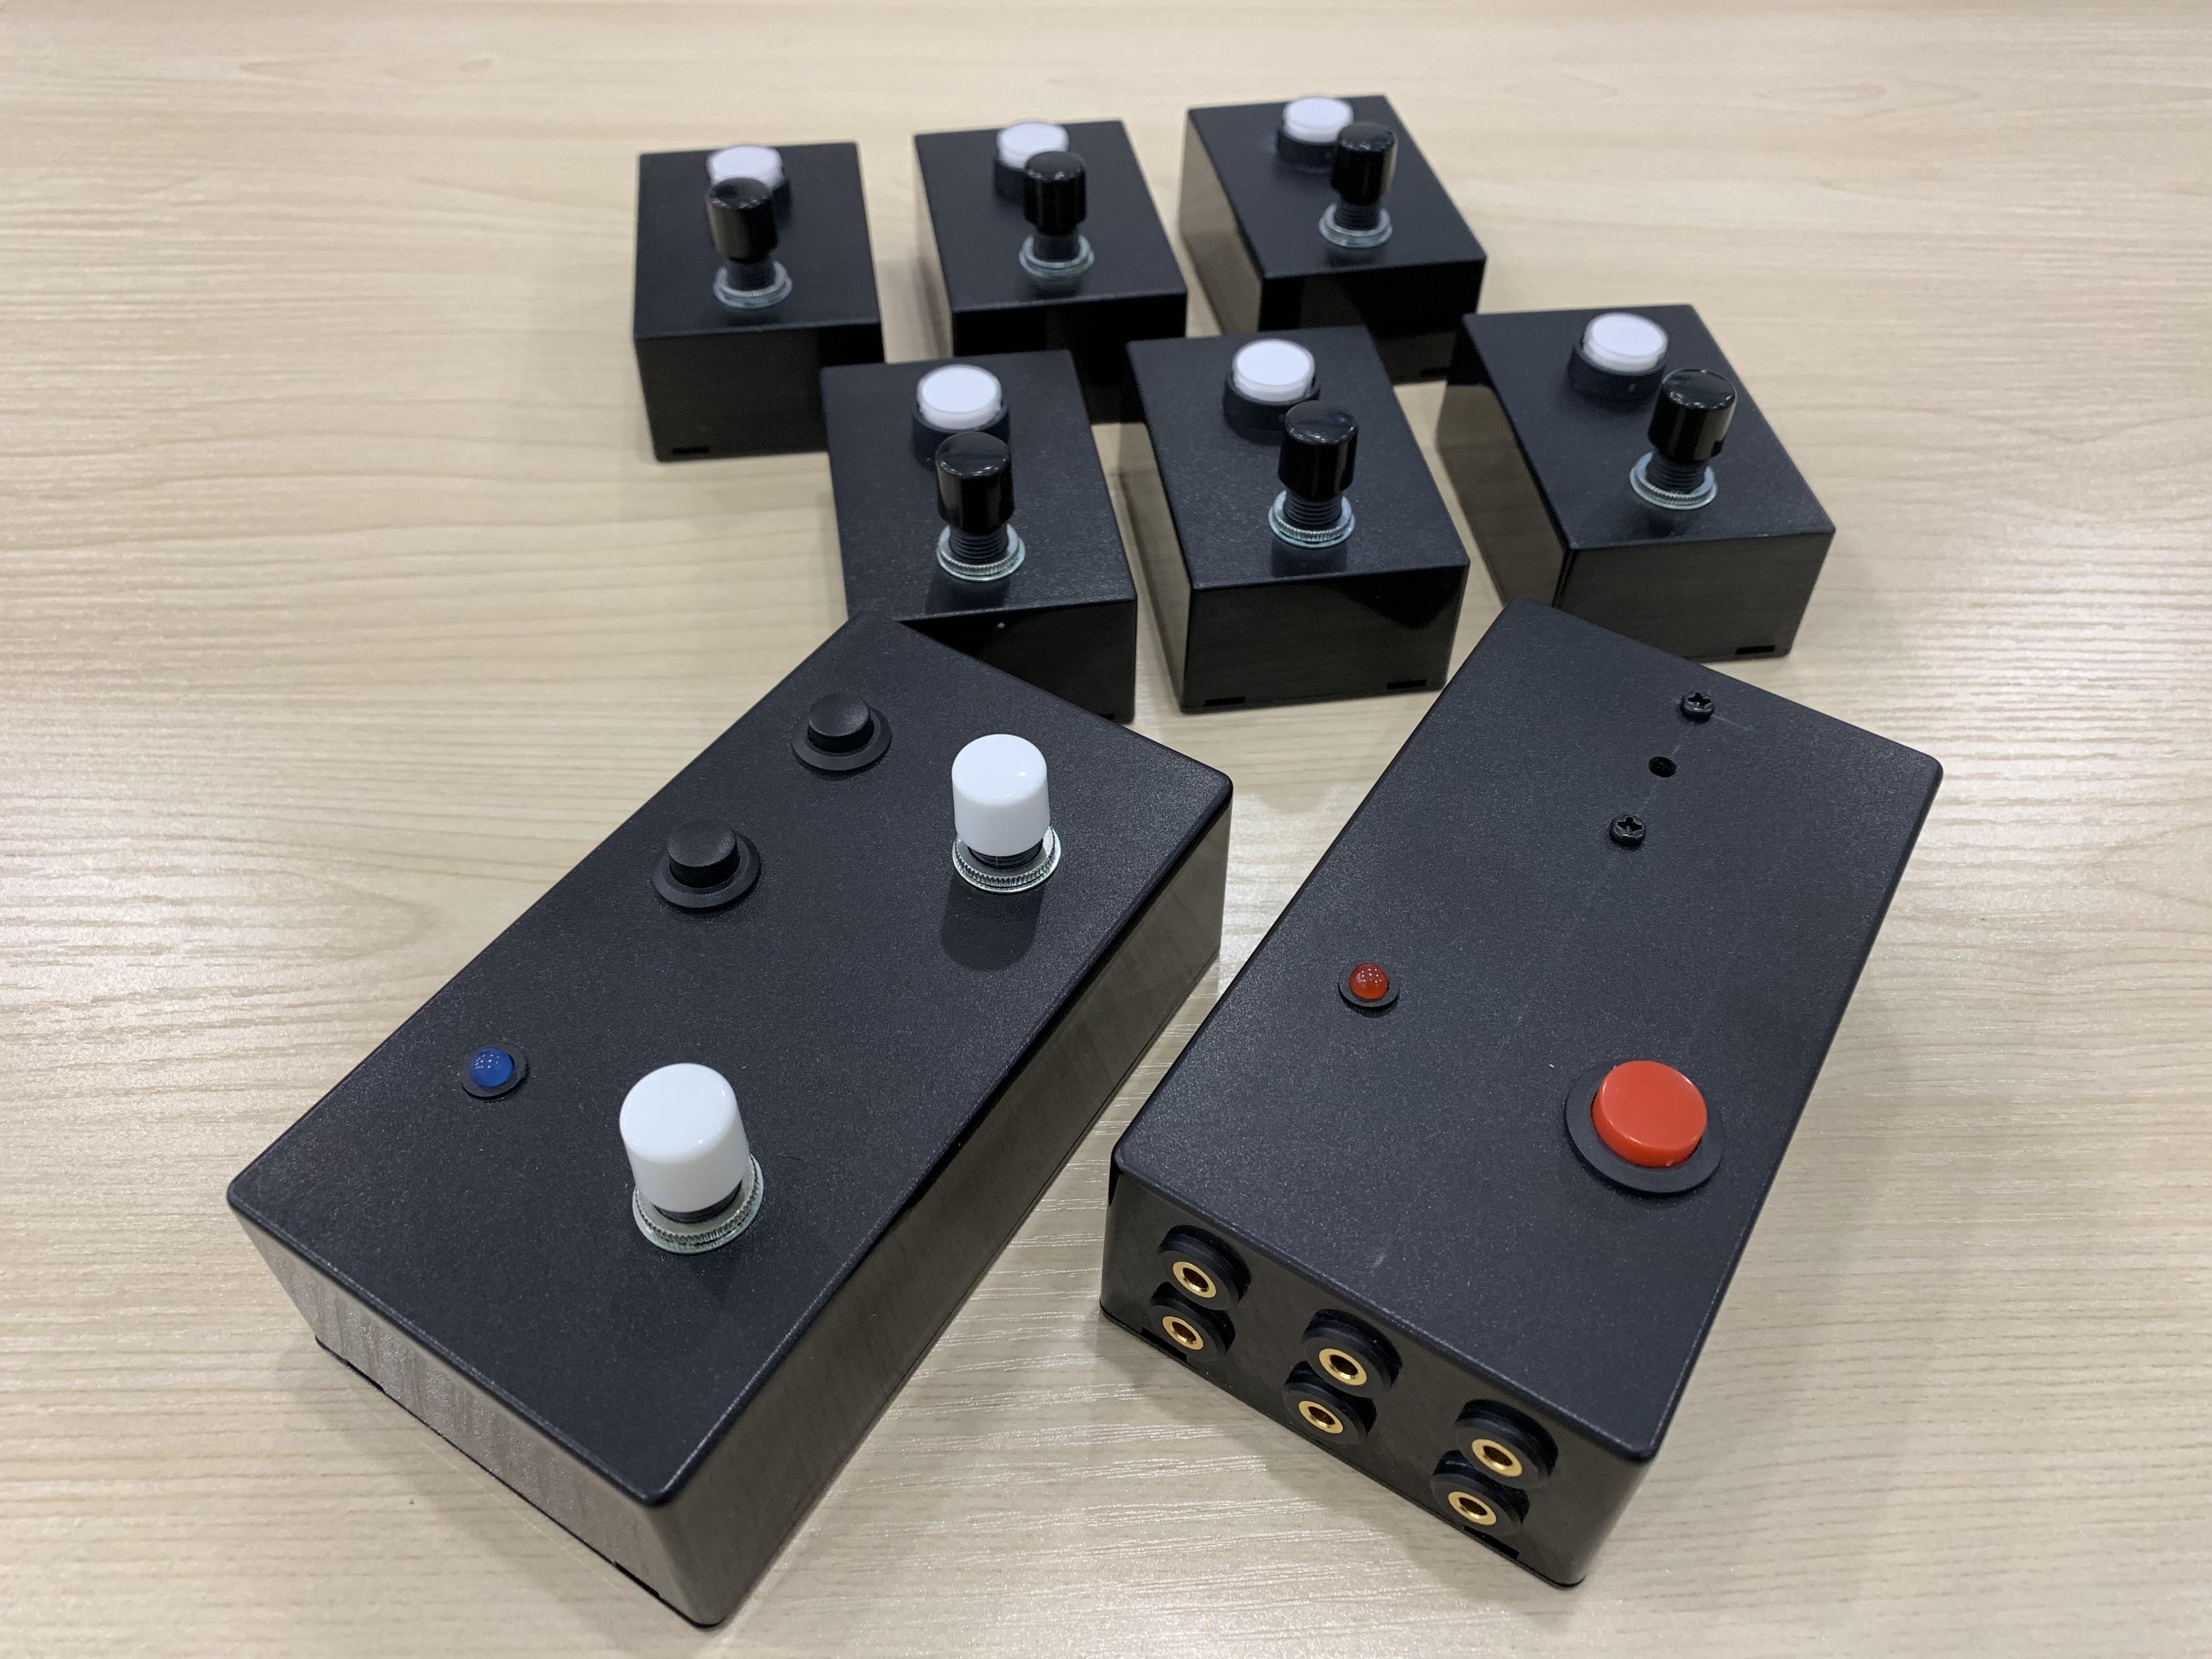 いつでもどこでも早押しクイズが可能に!「QUIZ JAPAN」が6人用早押し機を販売開始!